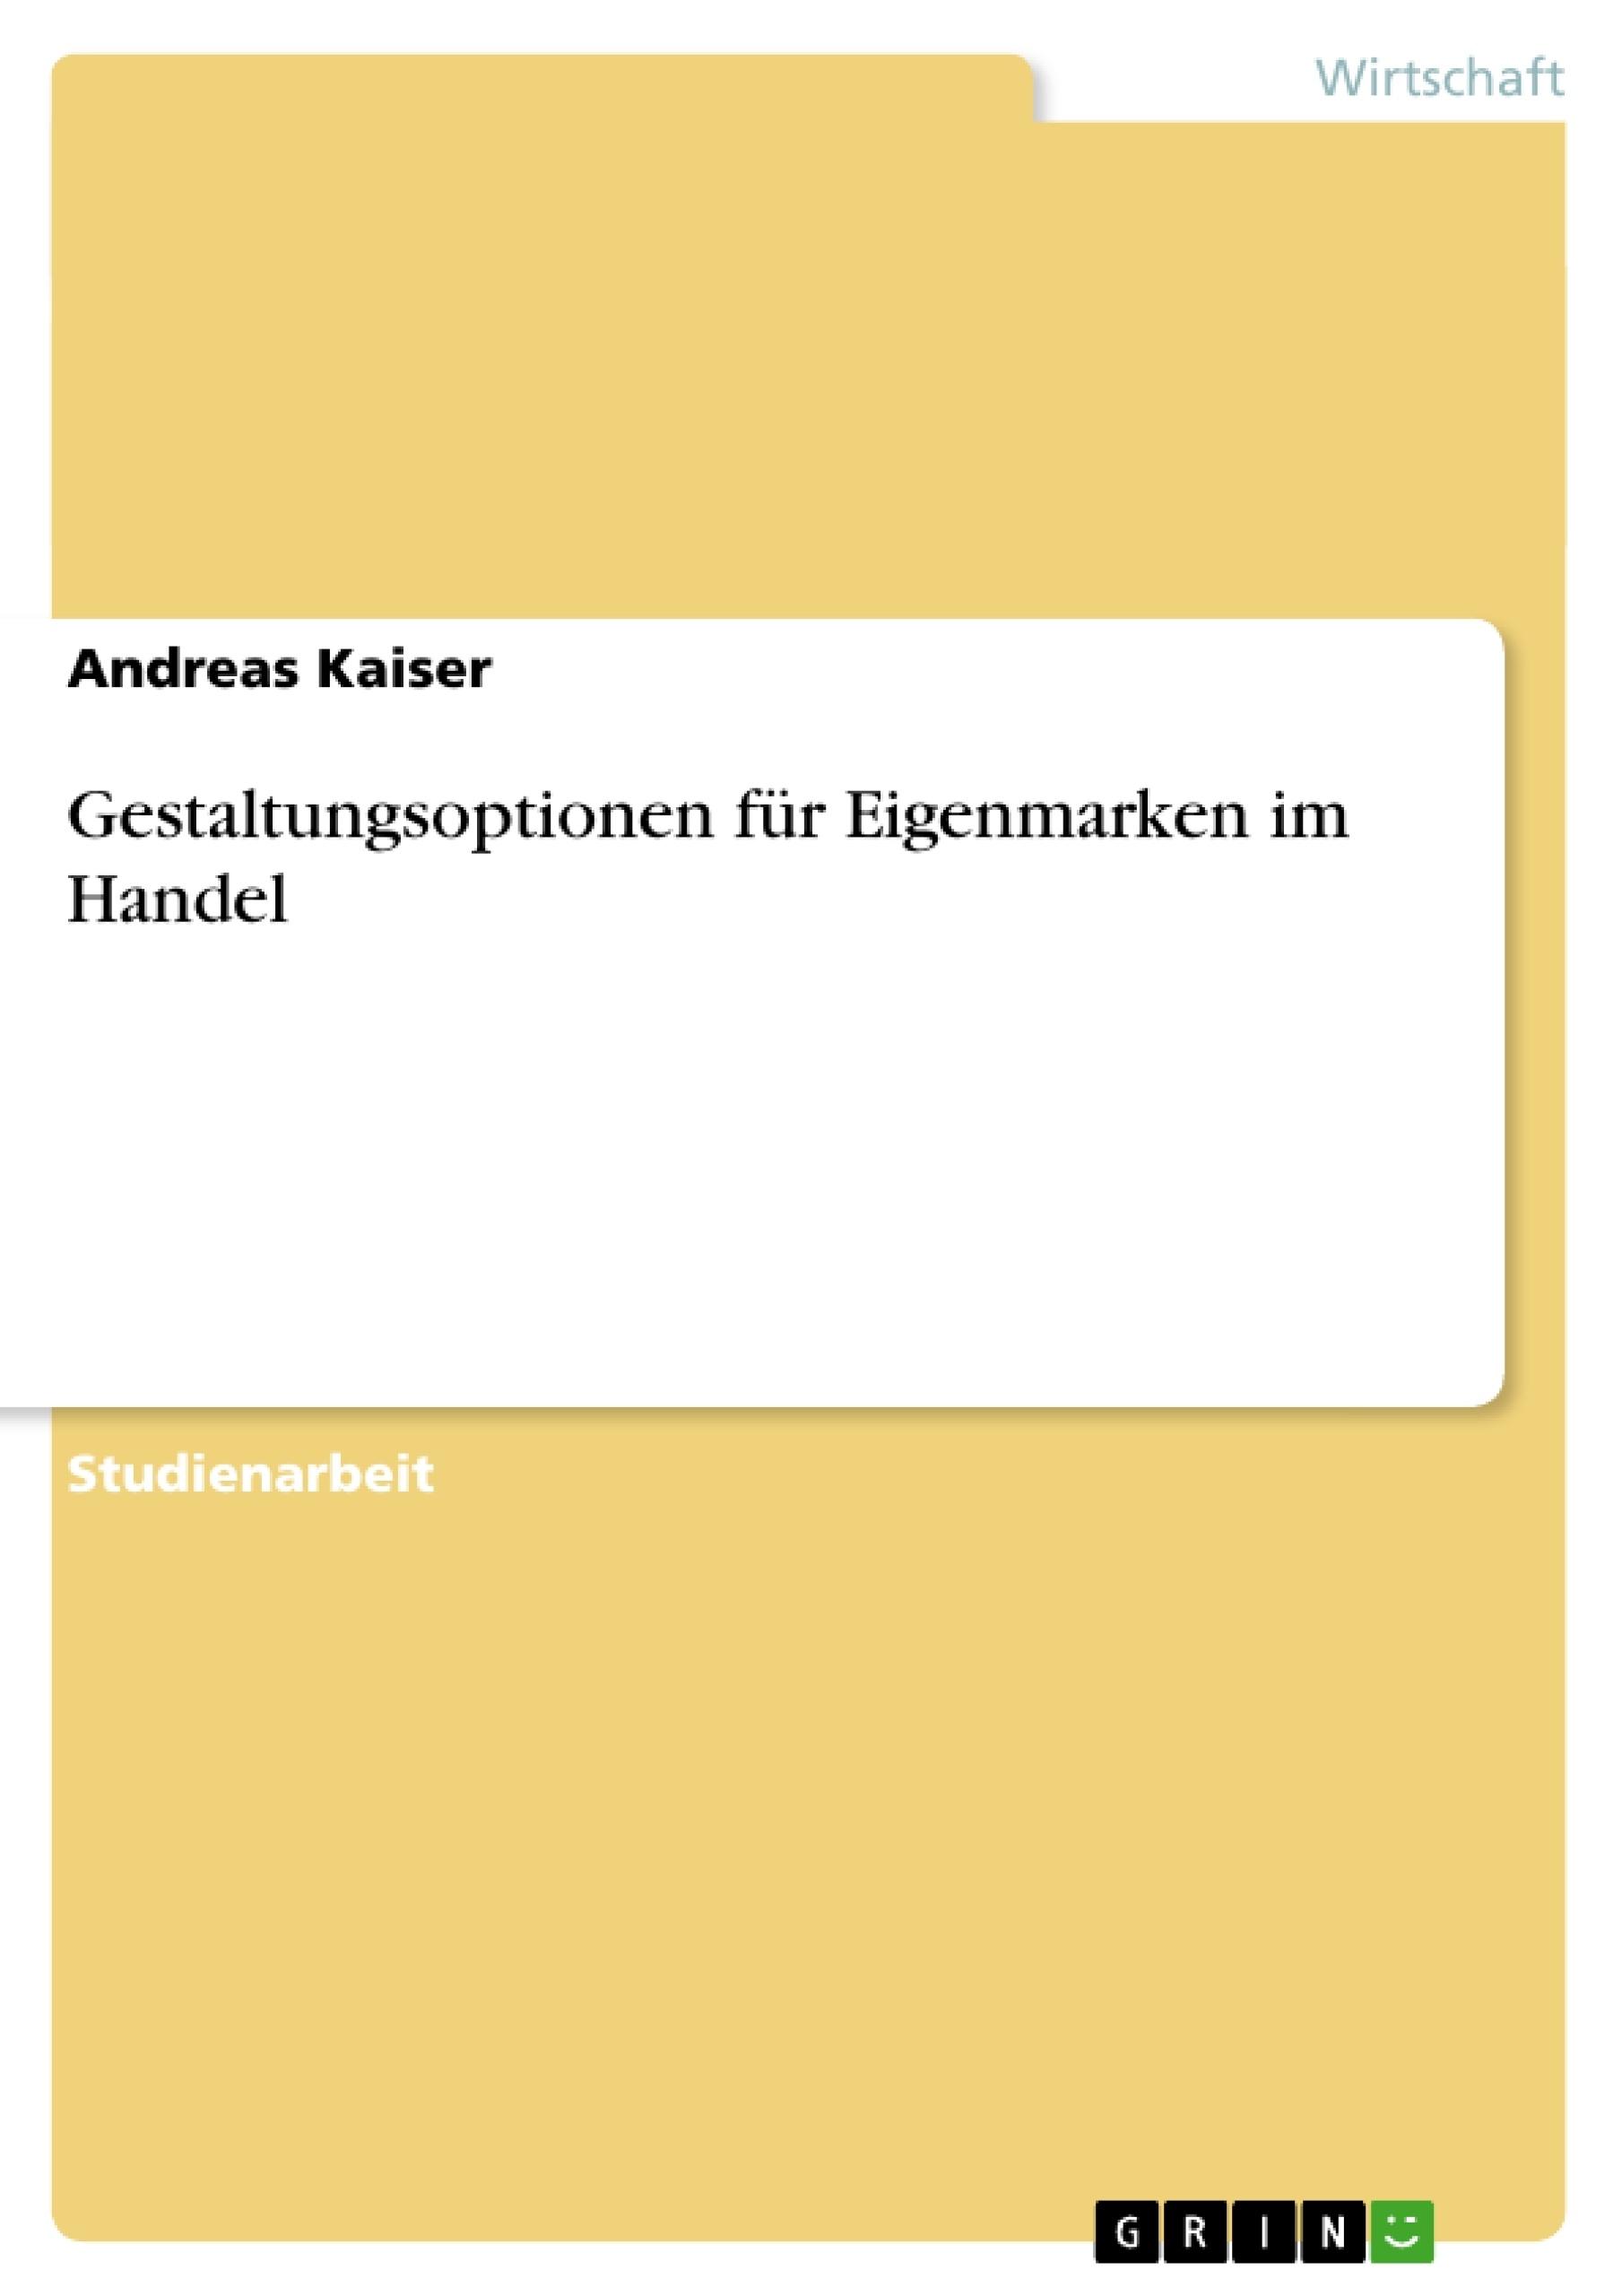 Titel: Gestaltungsoptionen für Eigenmarken im Handel